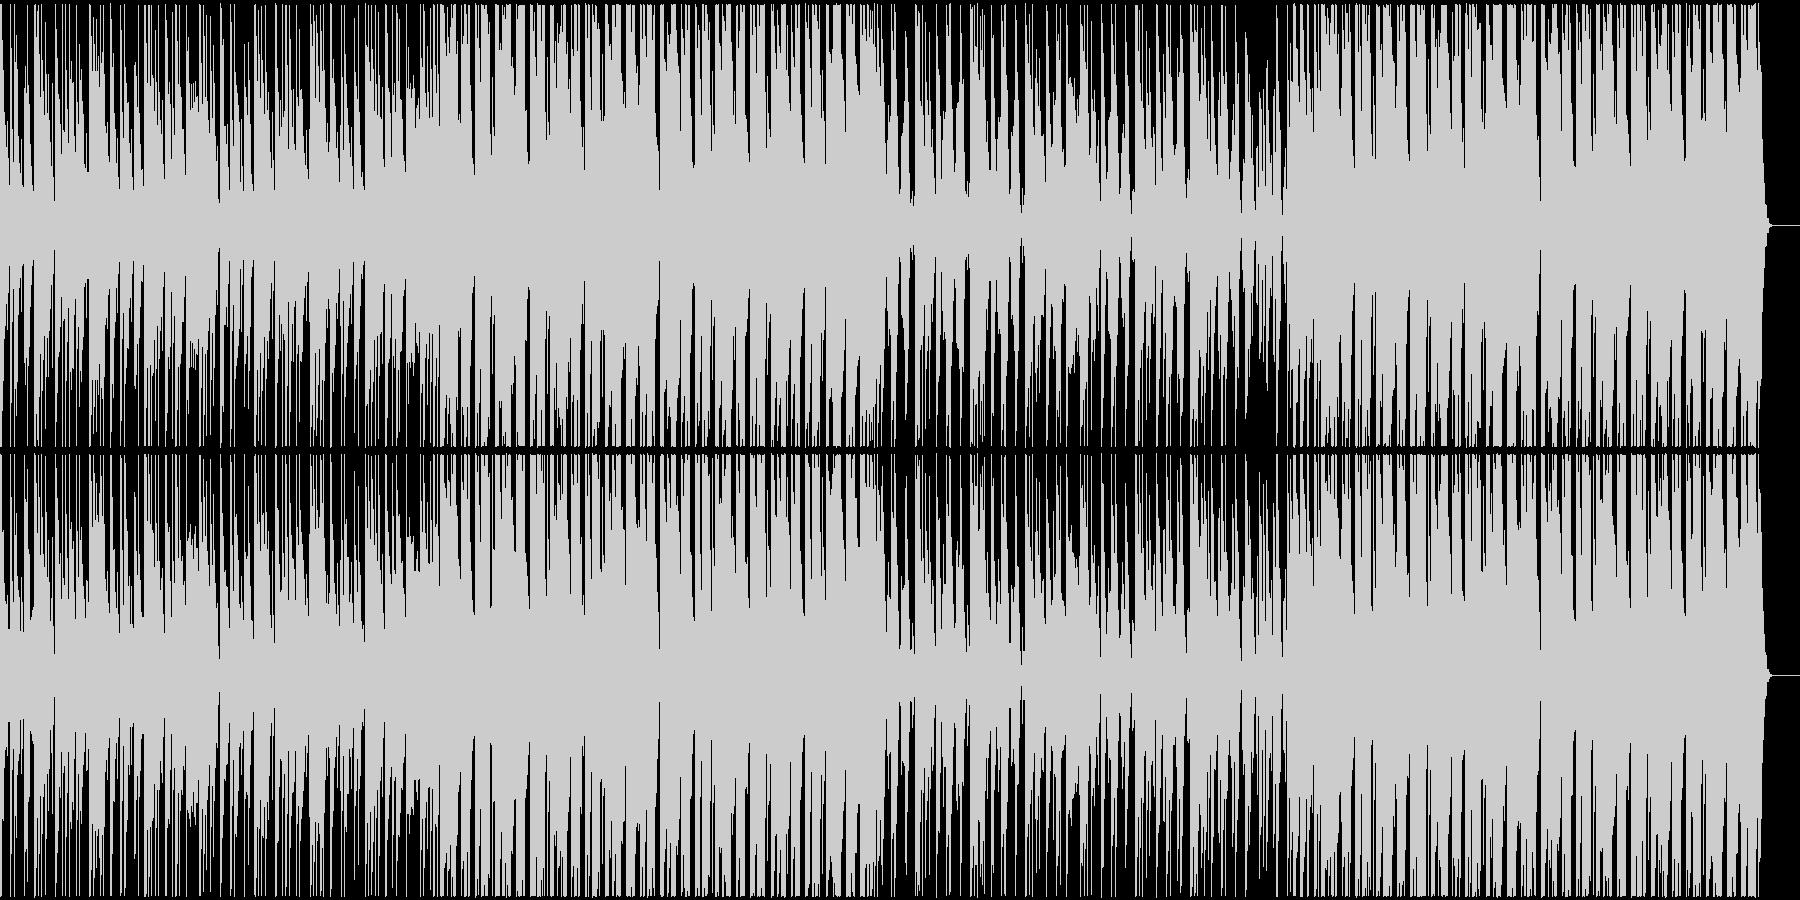 生き生きと楽しい感じのBGMの未再生の波形